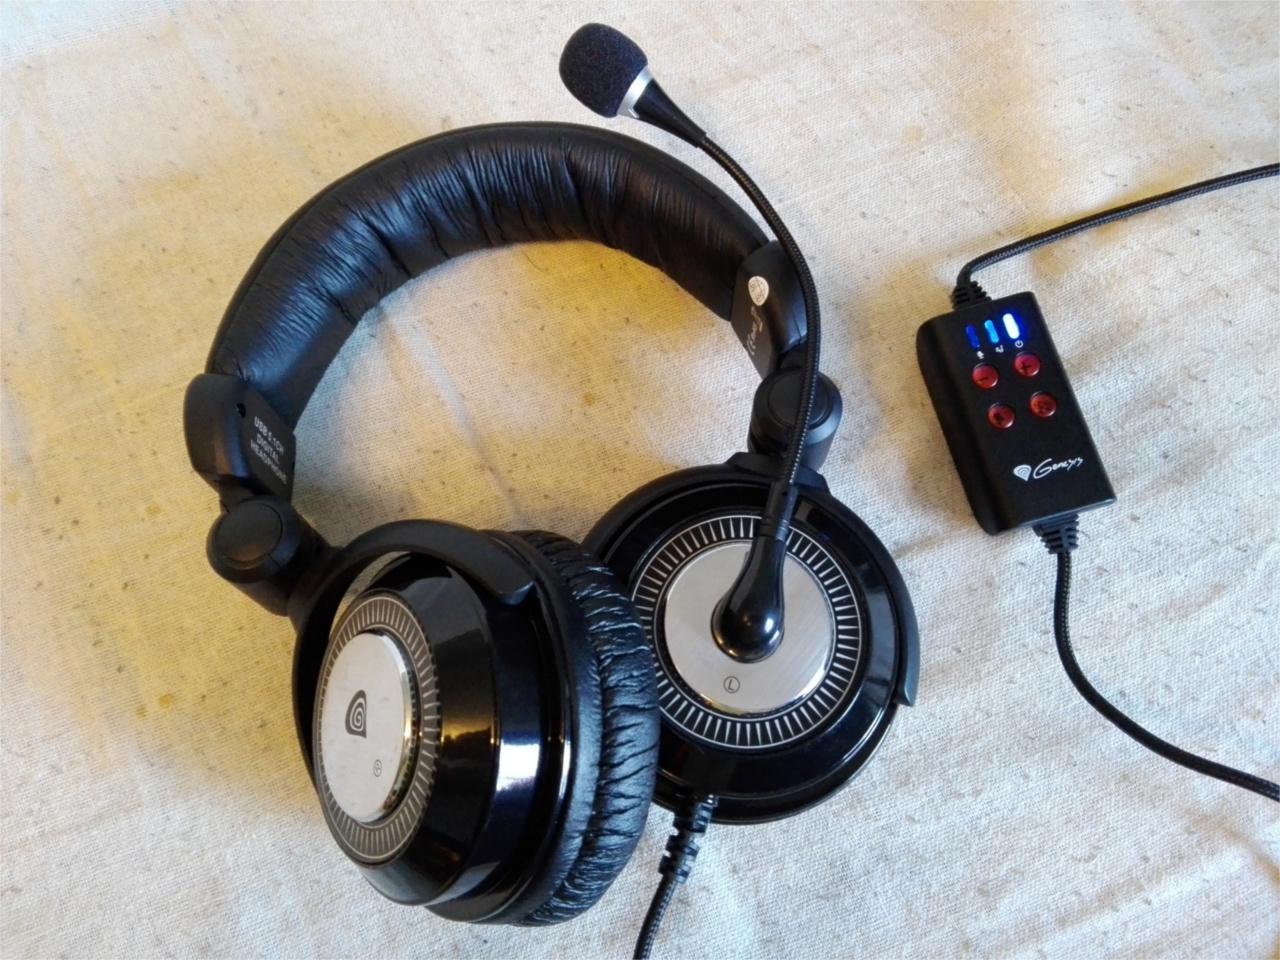 Külső és belső  A HX77 nem mondható hivalkodónak. Az egész eszköz fekete 4288a986eb